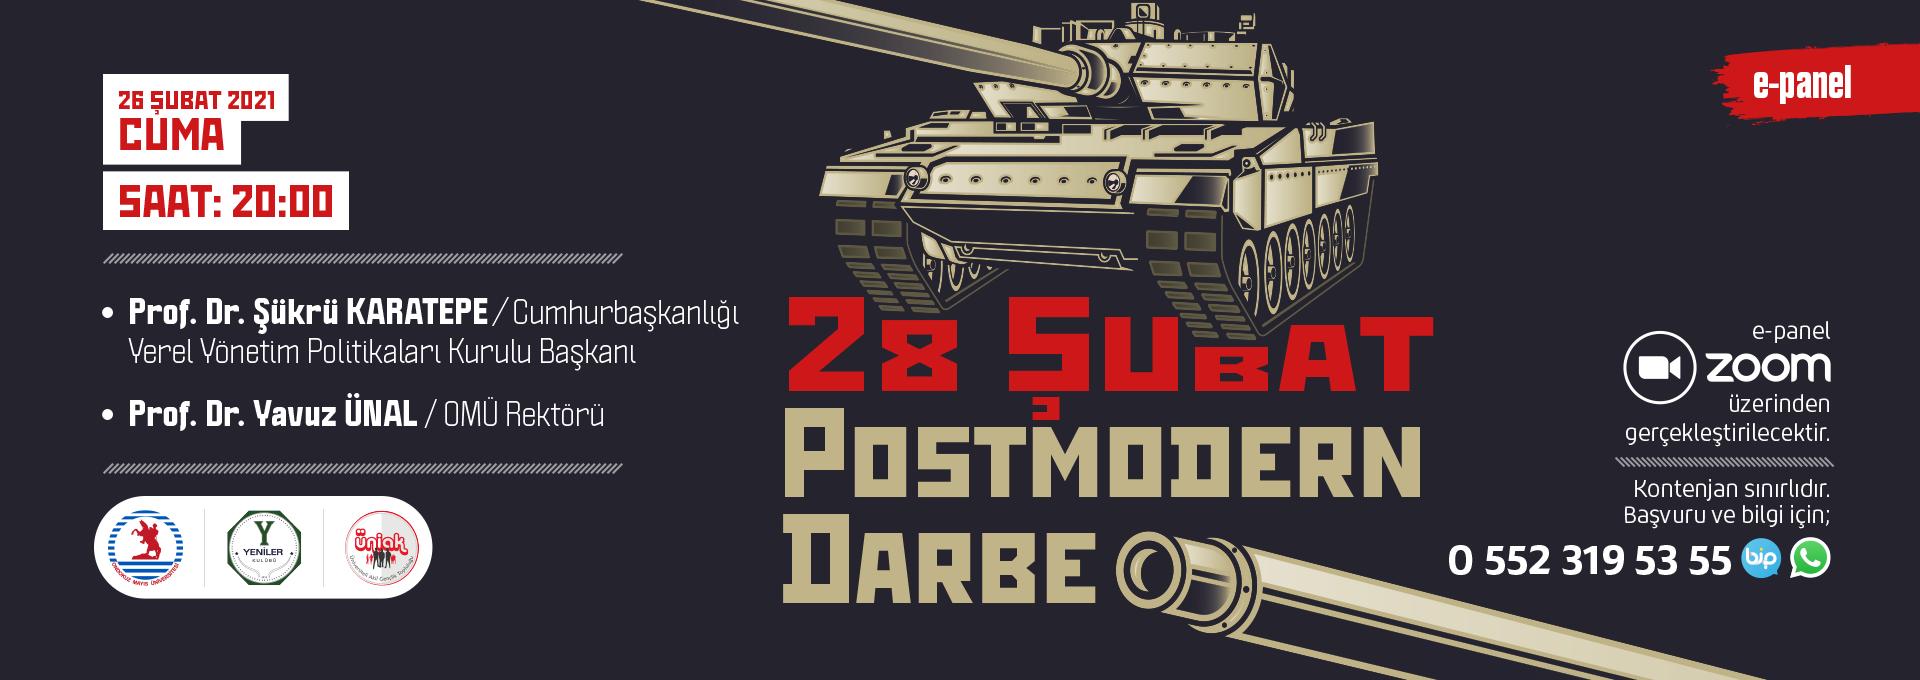 28 Şubat Postmodern Darbesi  Cuma akşamı e-Panelde Konuşulacak